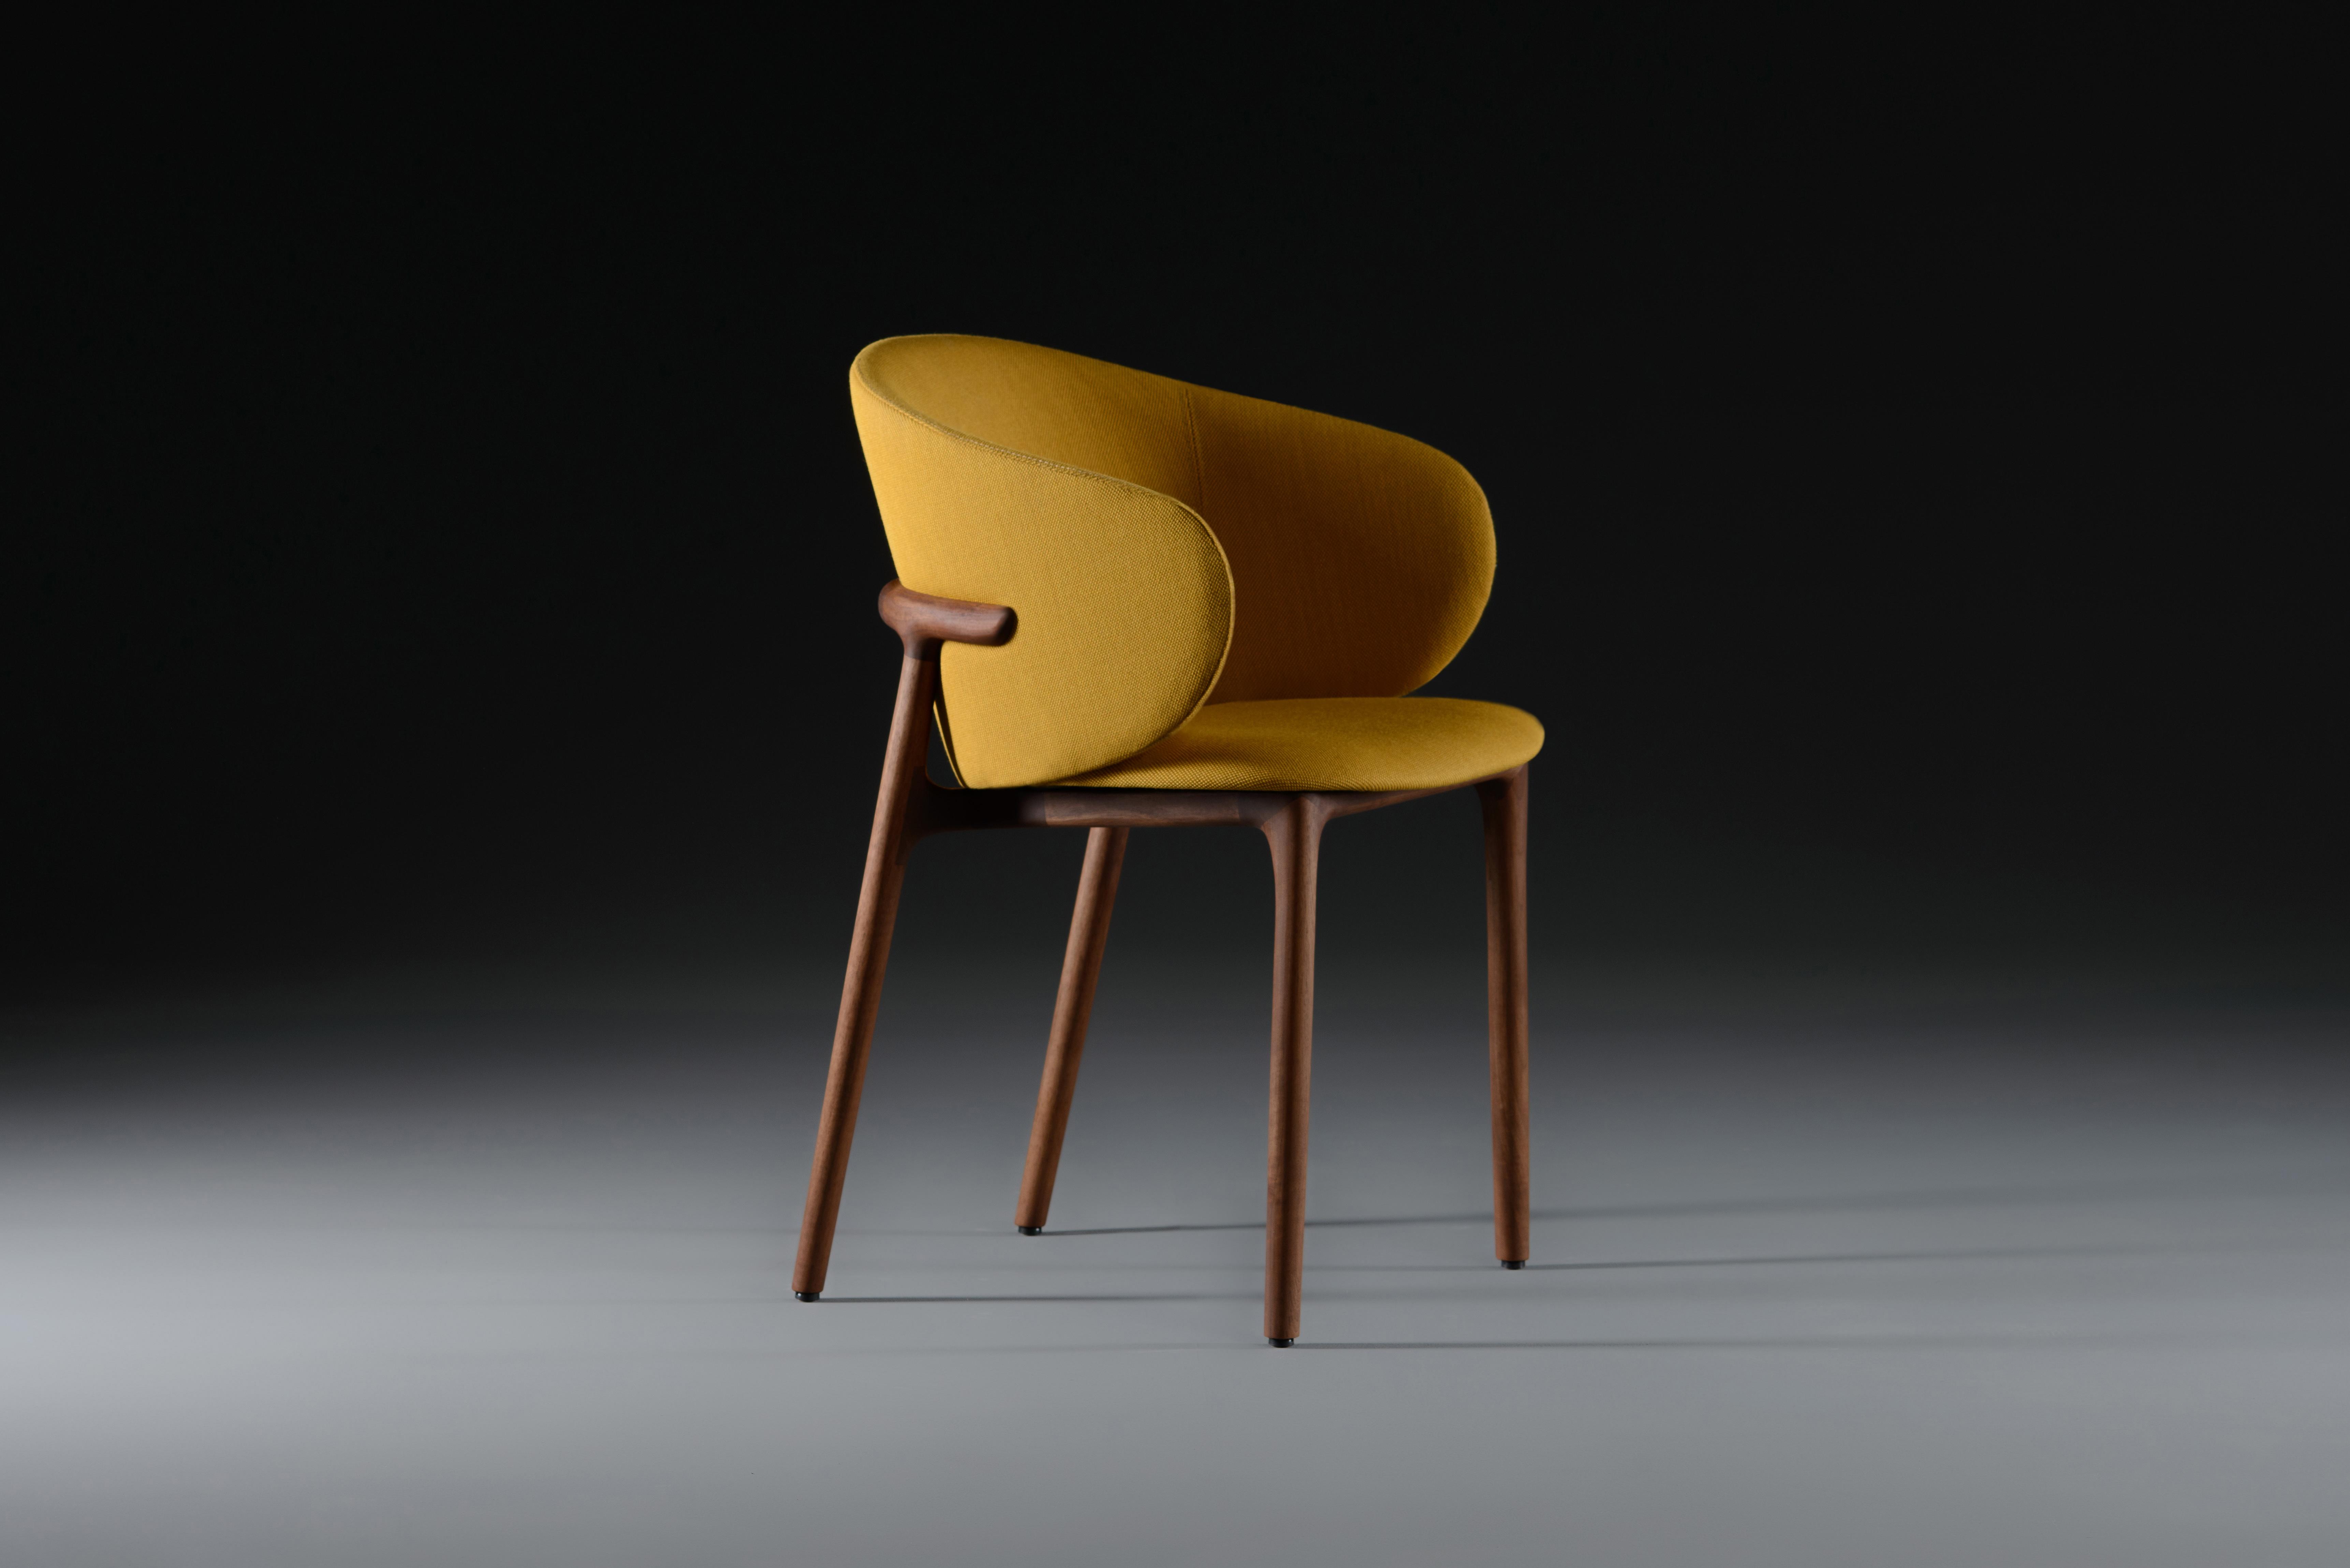 ecofriendly furniture. ARTISAN_MELACHAIR02 Ecofriendly Furniture M